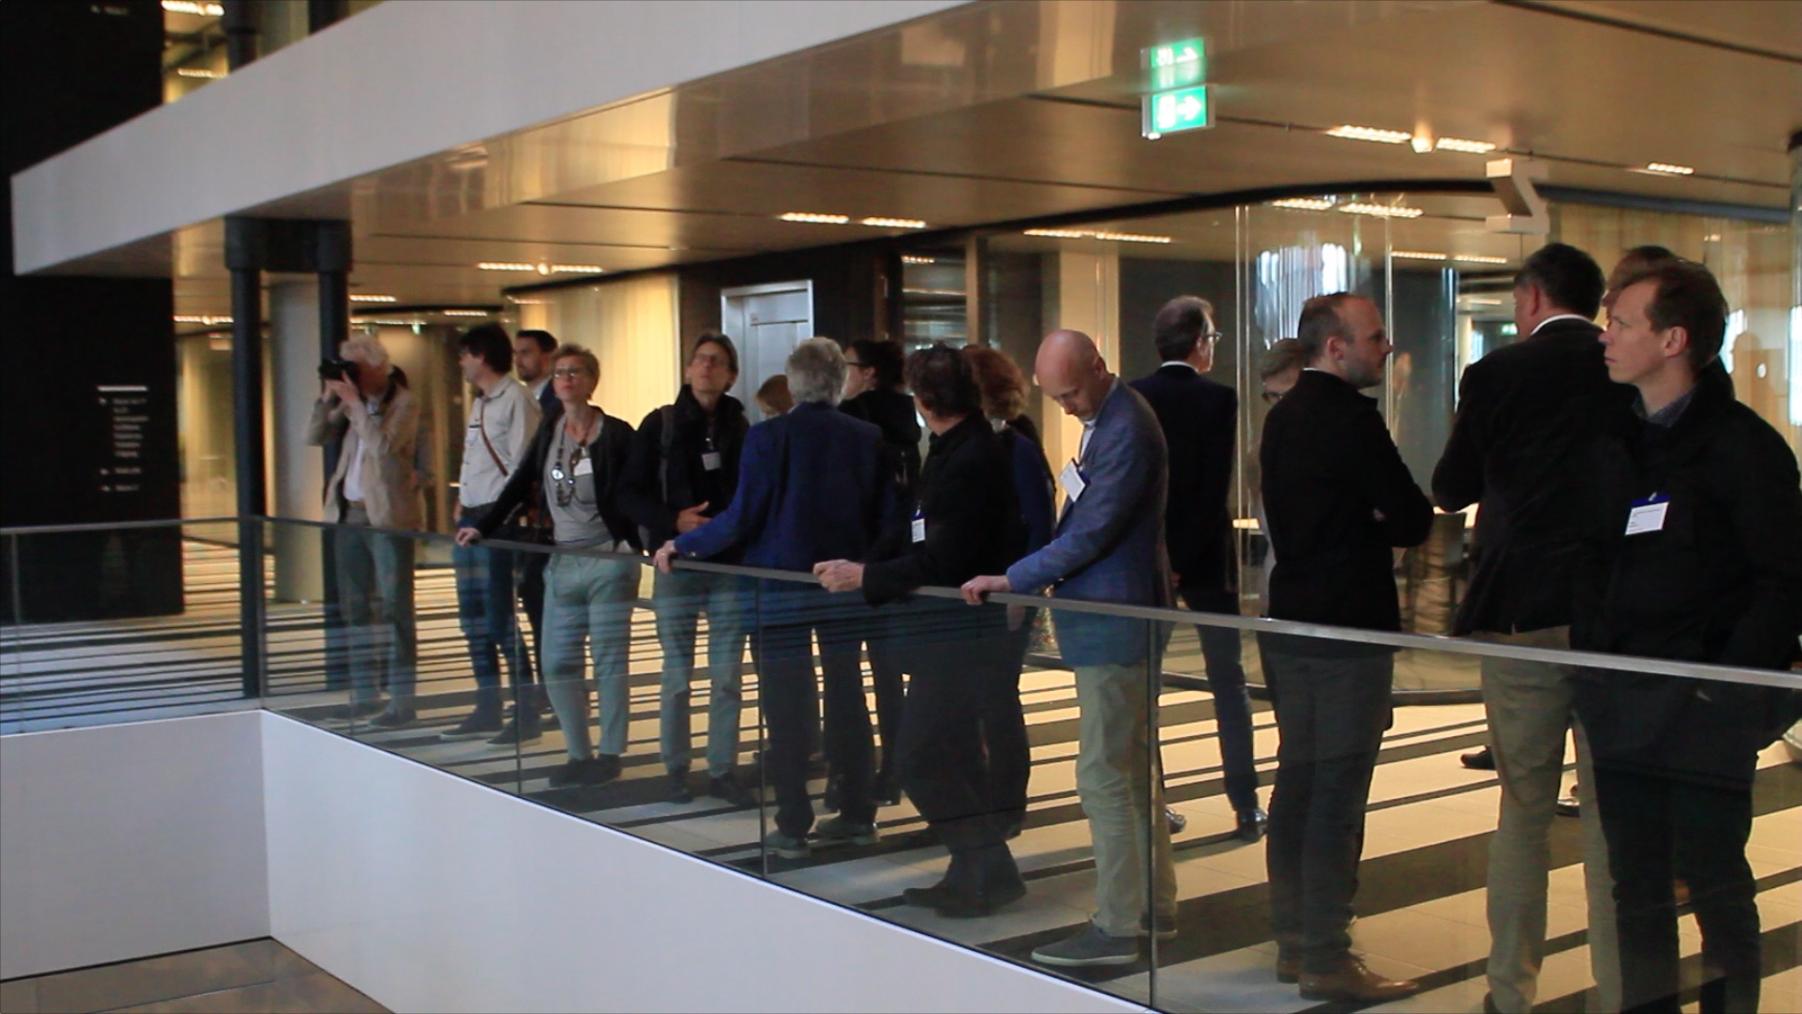 <p>Tijdens de rondleiding verbazen de aanwezige architecten zich over de hoge vides in het kantoor.</p>